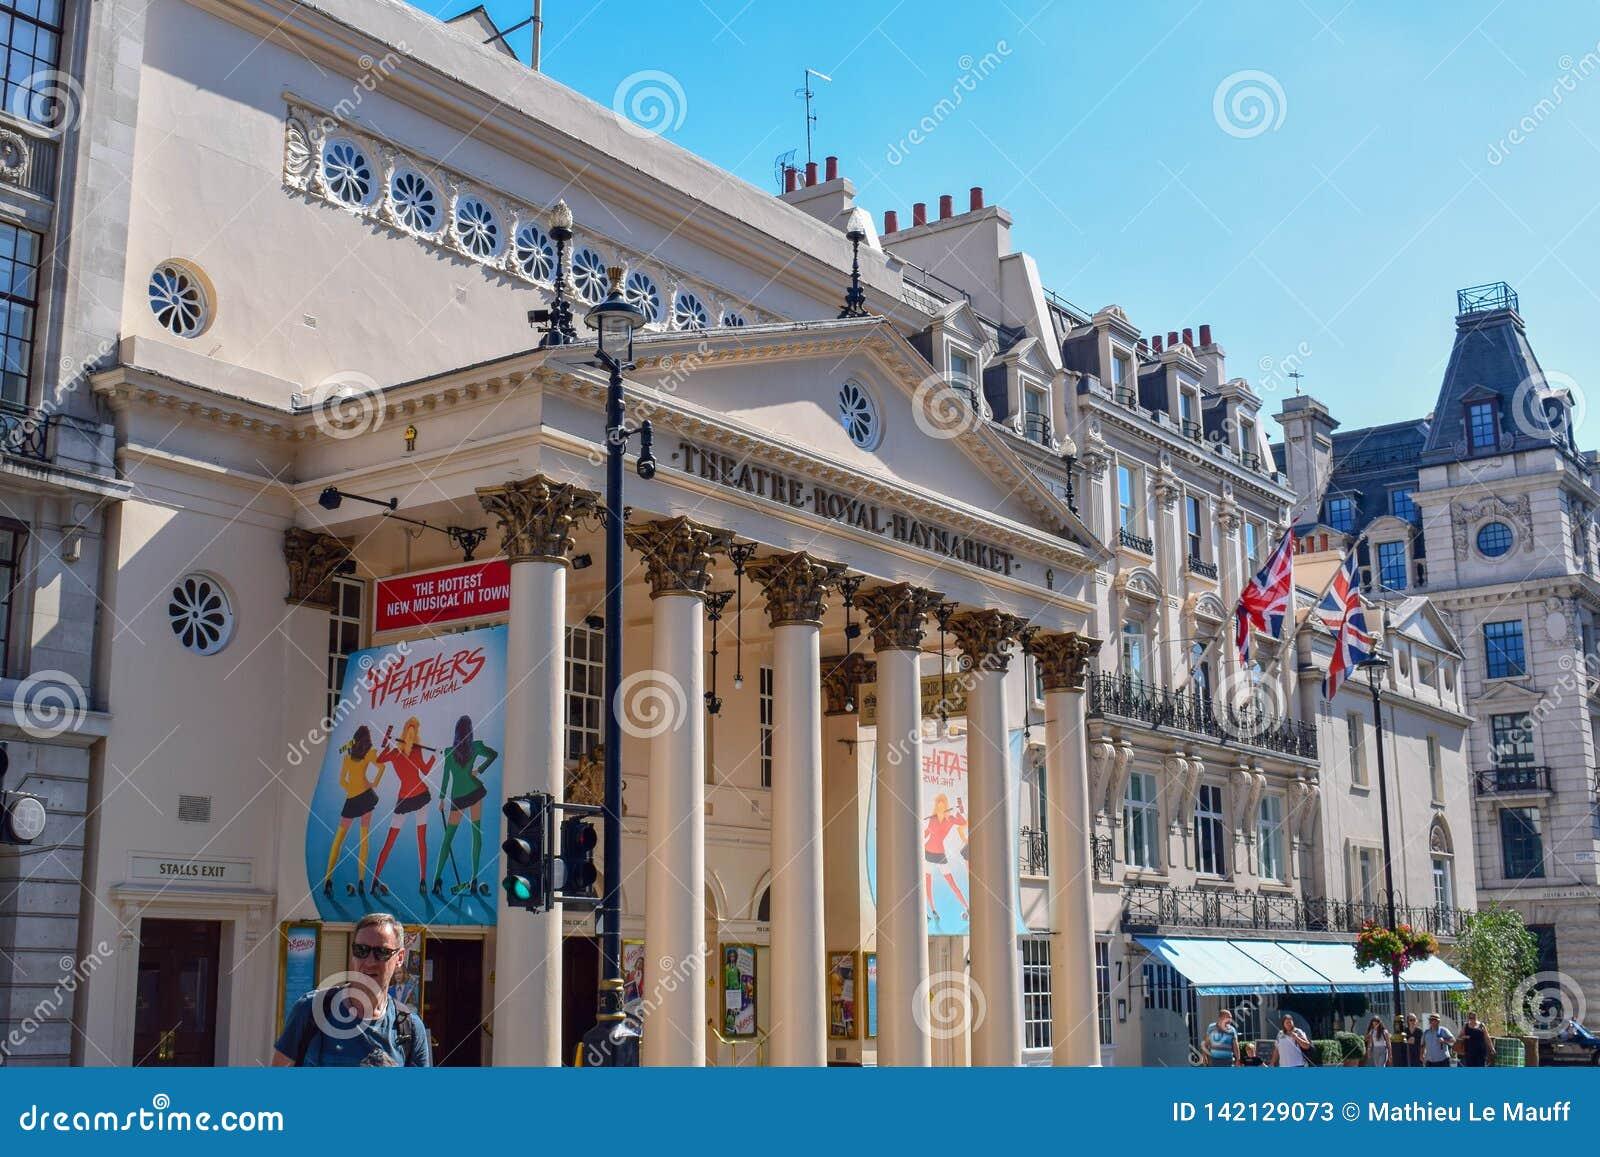 Θέατρο βασιλικό Haymarket και παλαιά αρχιτεκτονική στο Λονδίνο, Αγγλία μια ηλιόλουστη ημέρα